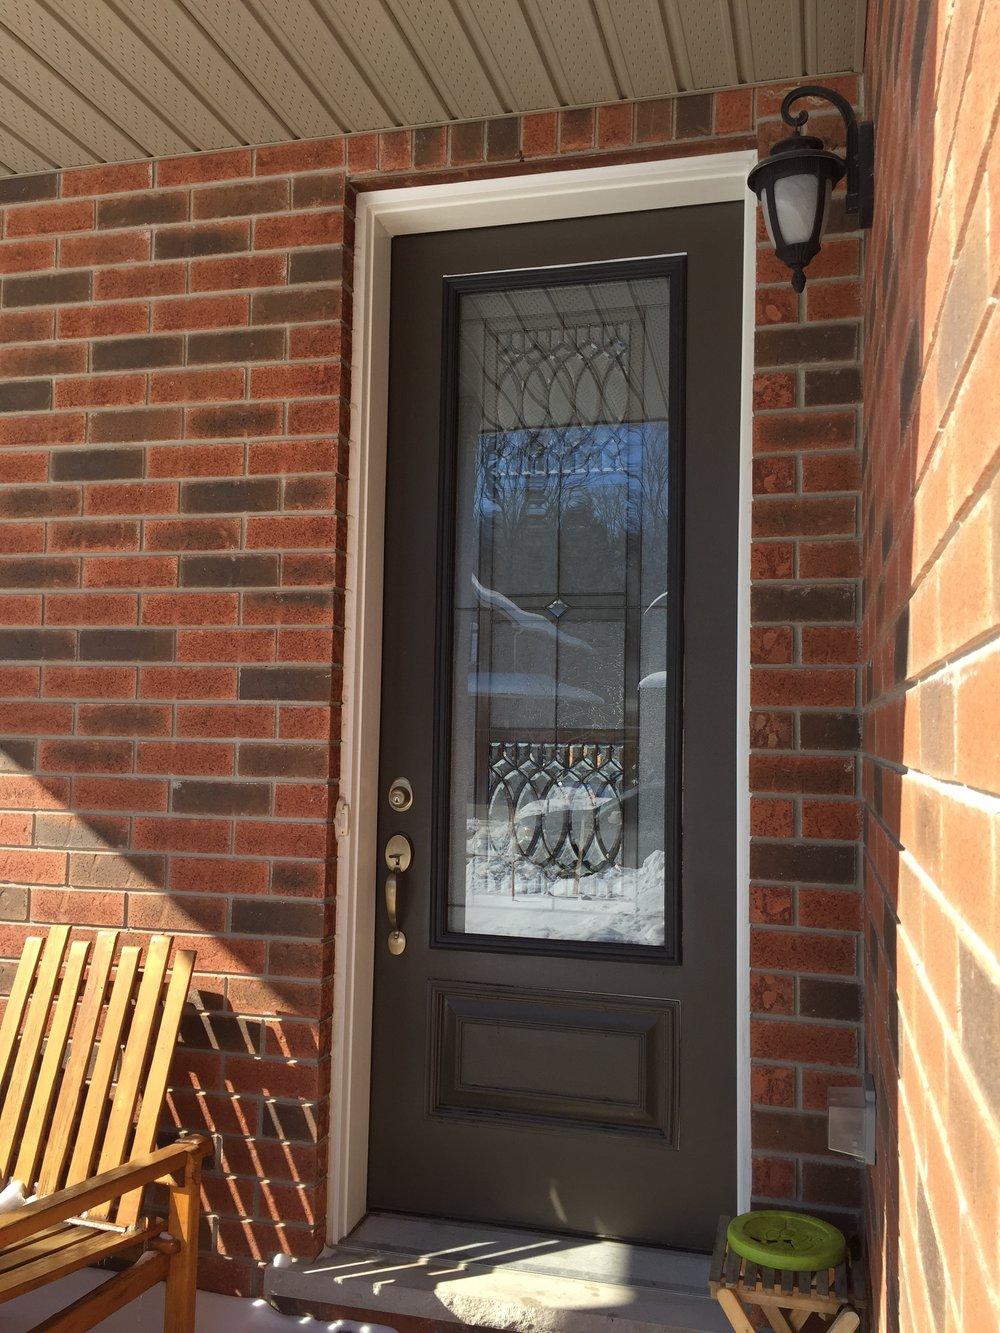 Rivermede_decorative-glass-Door-inserts-Barrie-Ontario